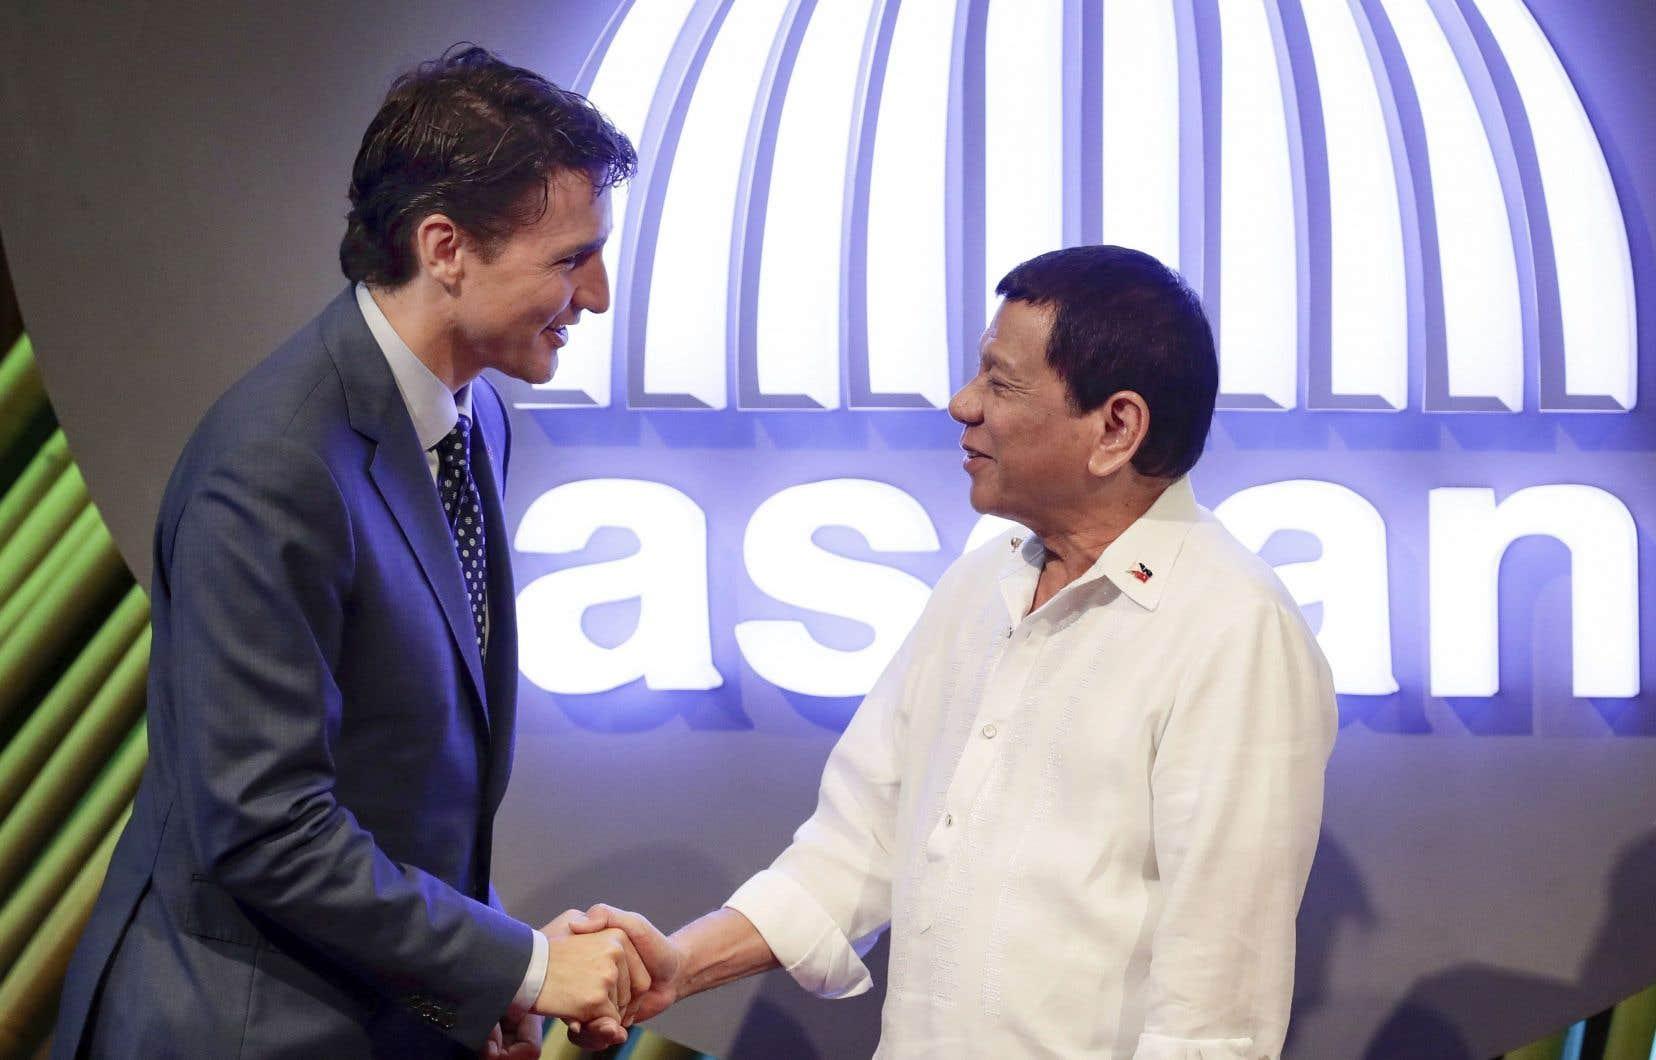 Justin Trudeau a échangé quelques mots avec le président philippin, Rodrigo Duterte, à l'ouverture du sommet de l'Association des nations de l'Asie du Sud-Est, lundi à Manille.